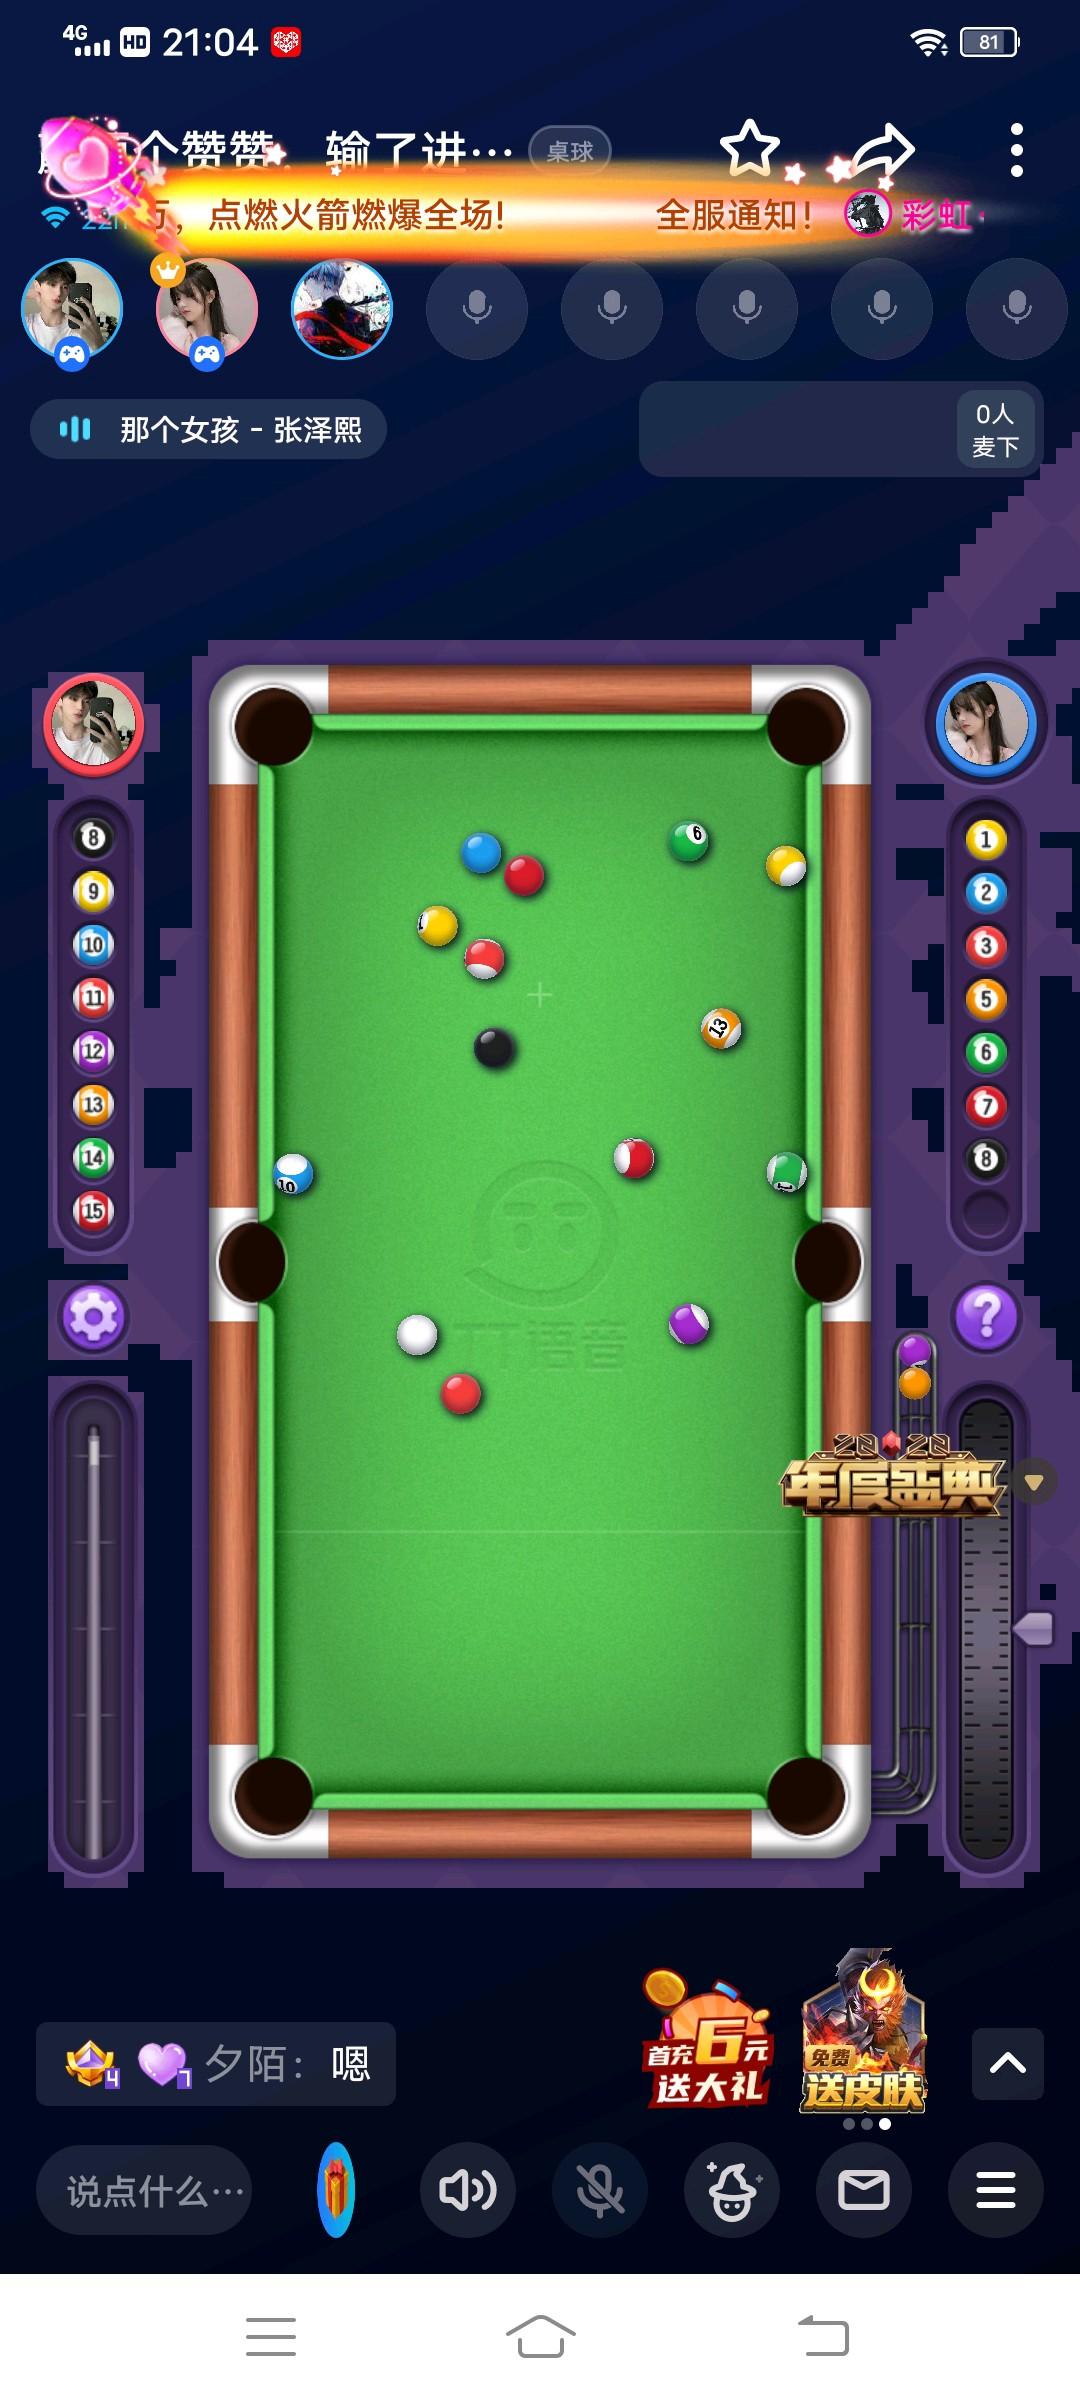 Screenshot_20201206_210451.jpg